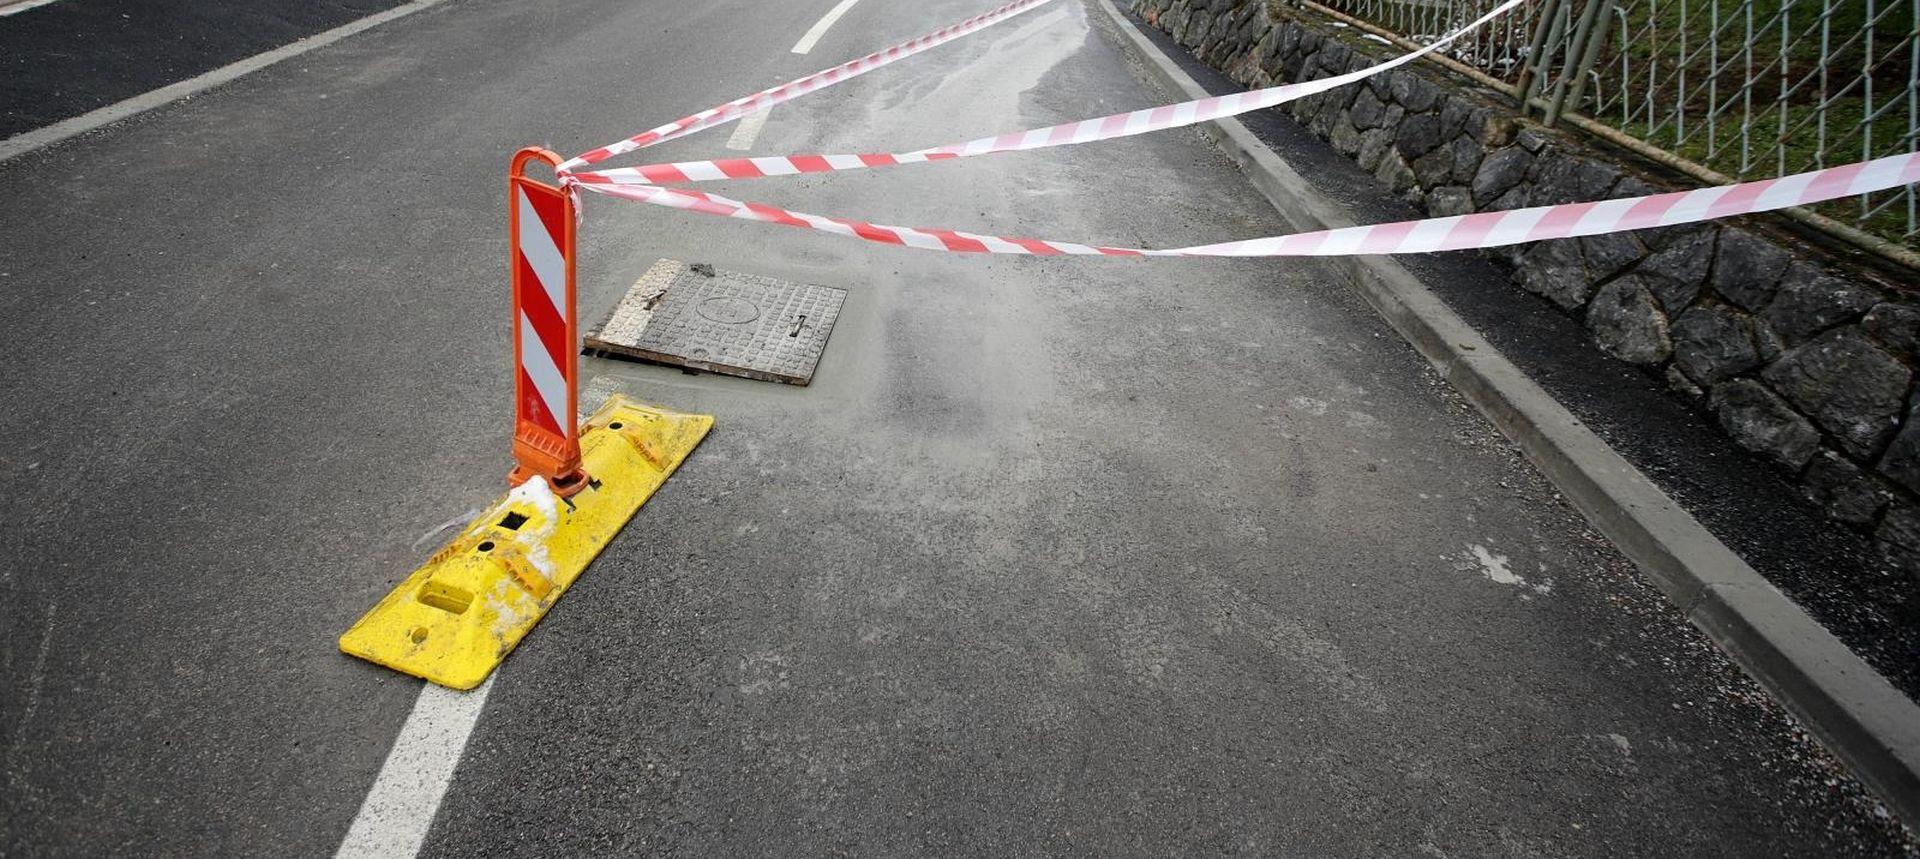 Žena u Zagrebu propala u šaht, teško je ozlijeđena